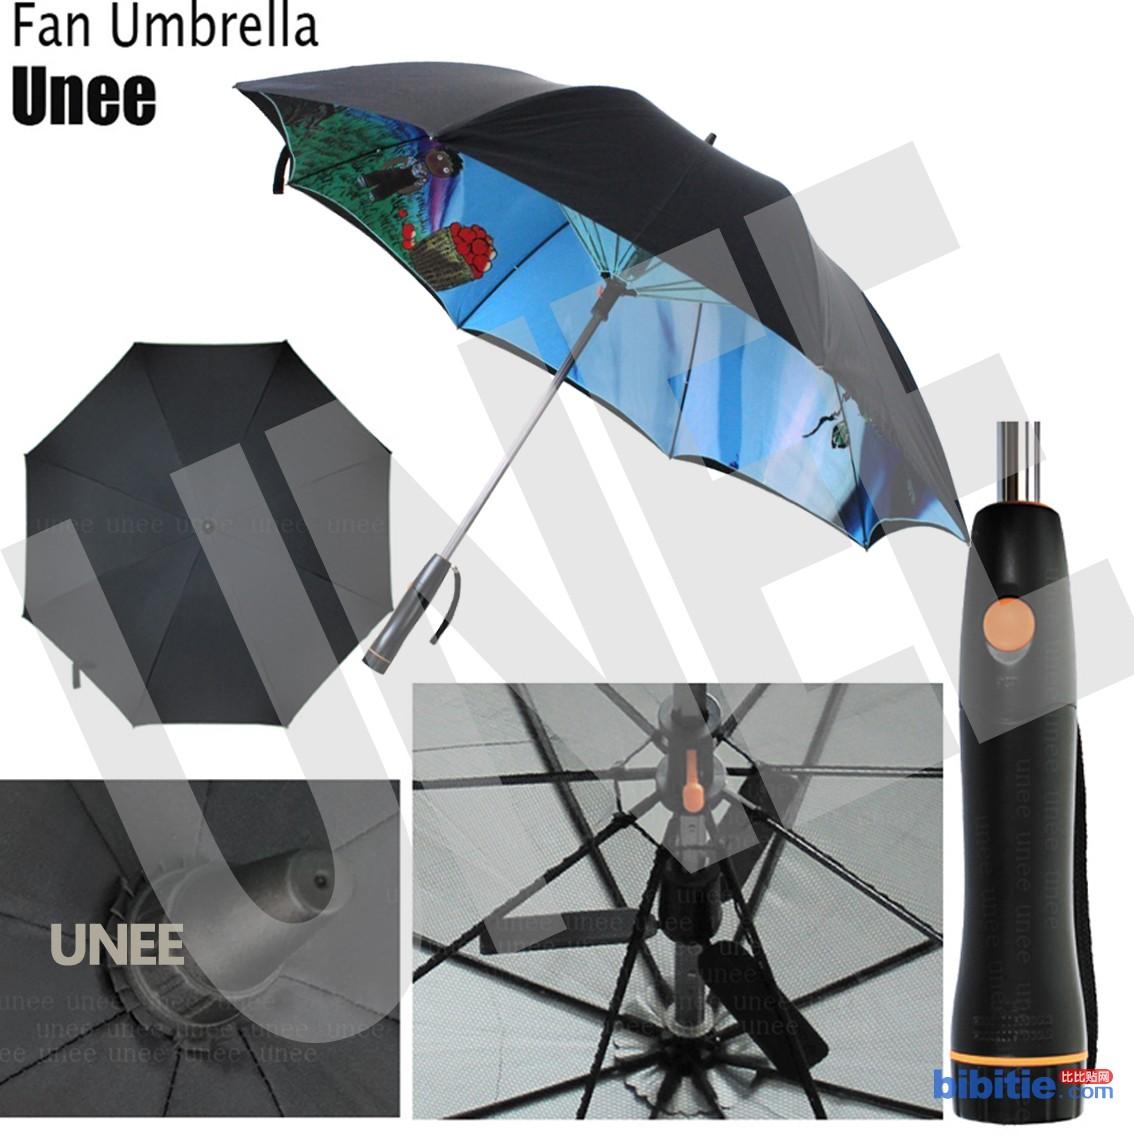 供应礼品风扇伞,广告伞;超强防泼水面料,量大优惠中;图片